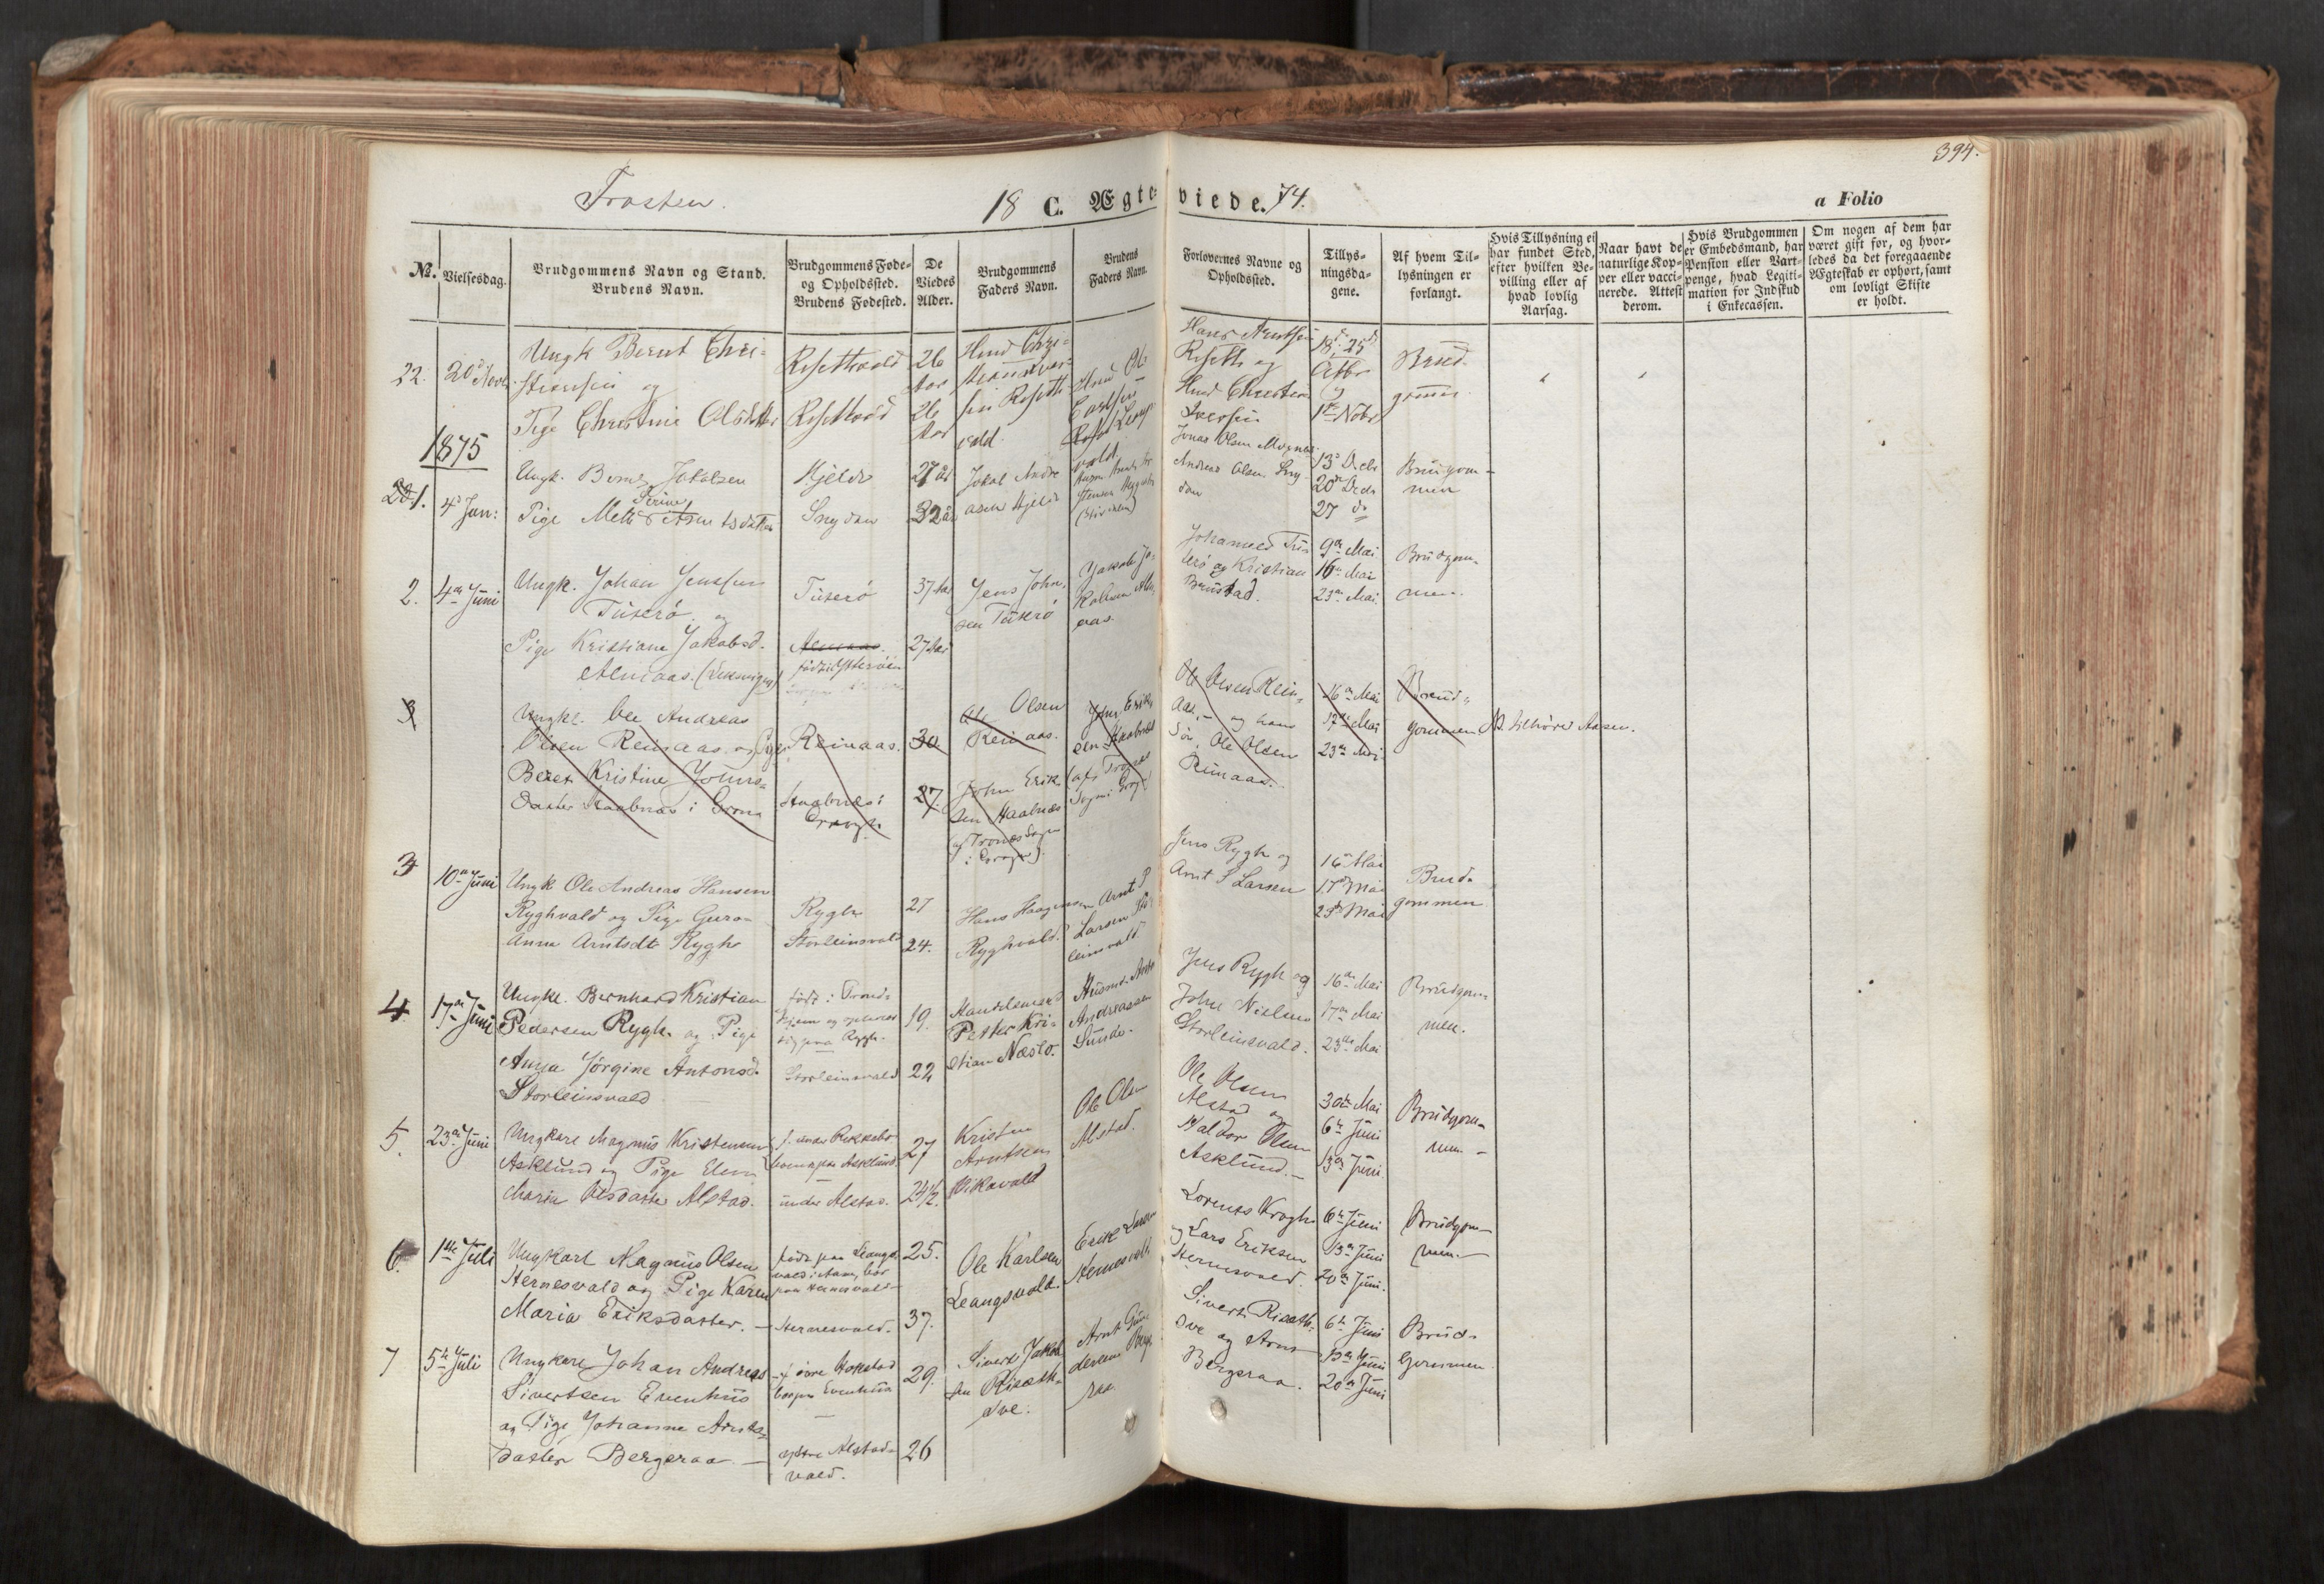 SAT, Ministerialprotokoller, klokkerbøker og fødselsregistre - Nord-Trøndelag, 713/L0116: Ministerialbok nr. 713A07, 1850-1877, s. 394